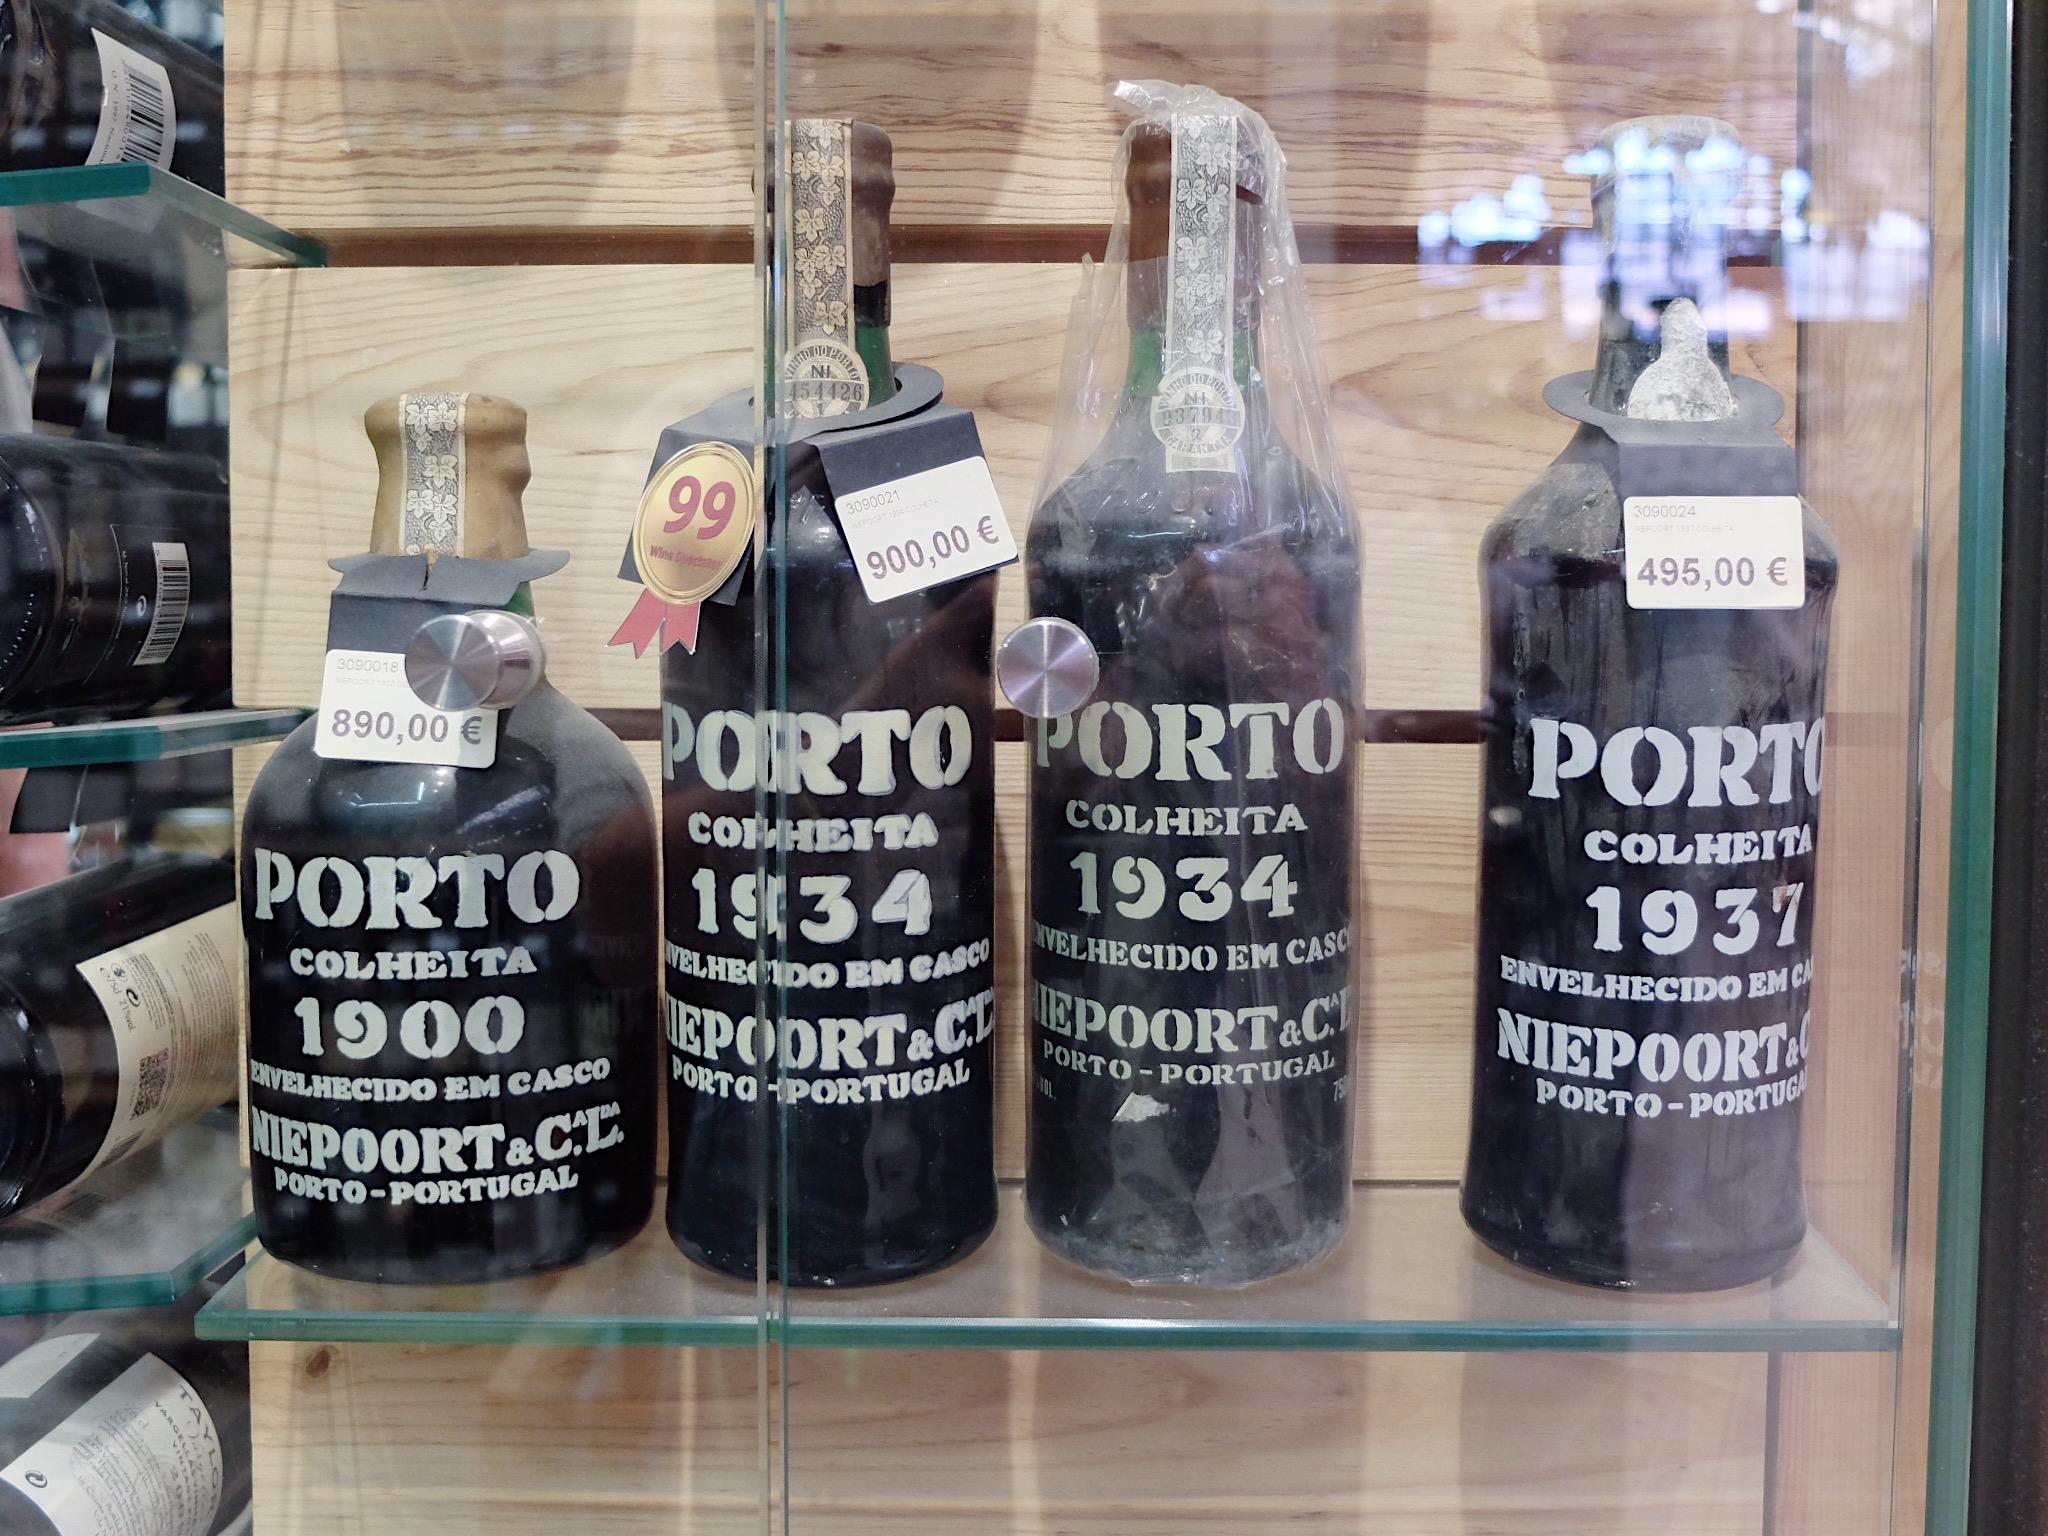 Lisbon_time_out_market_review_port